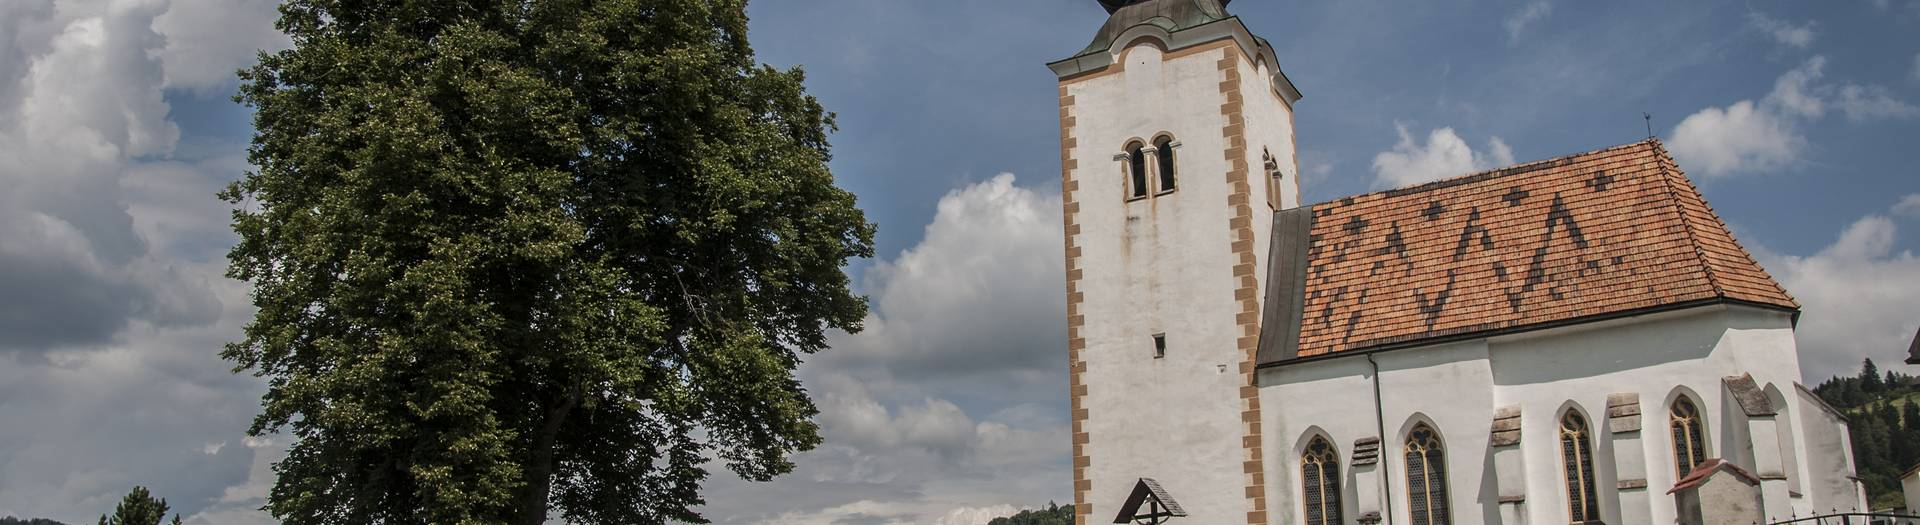 Kirche in Reichenfels